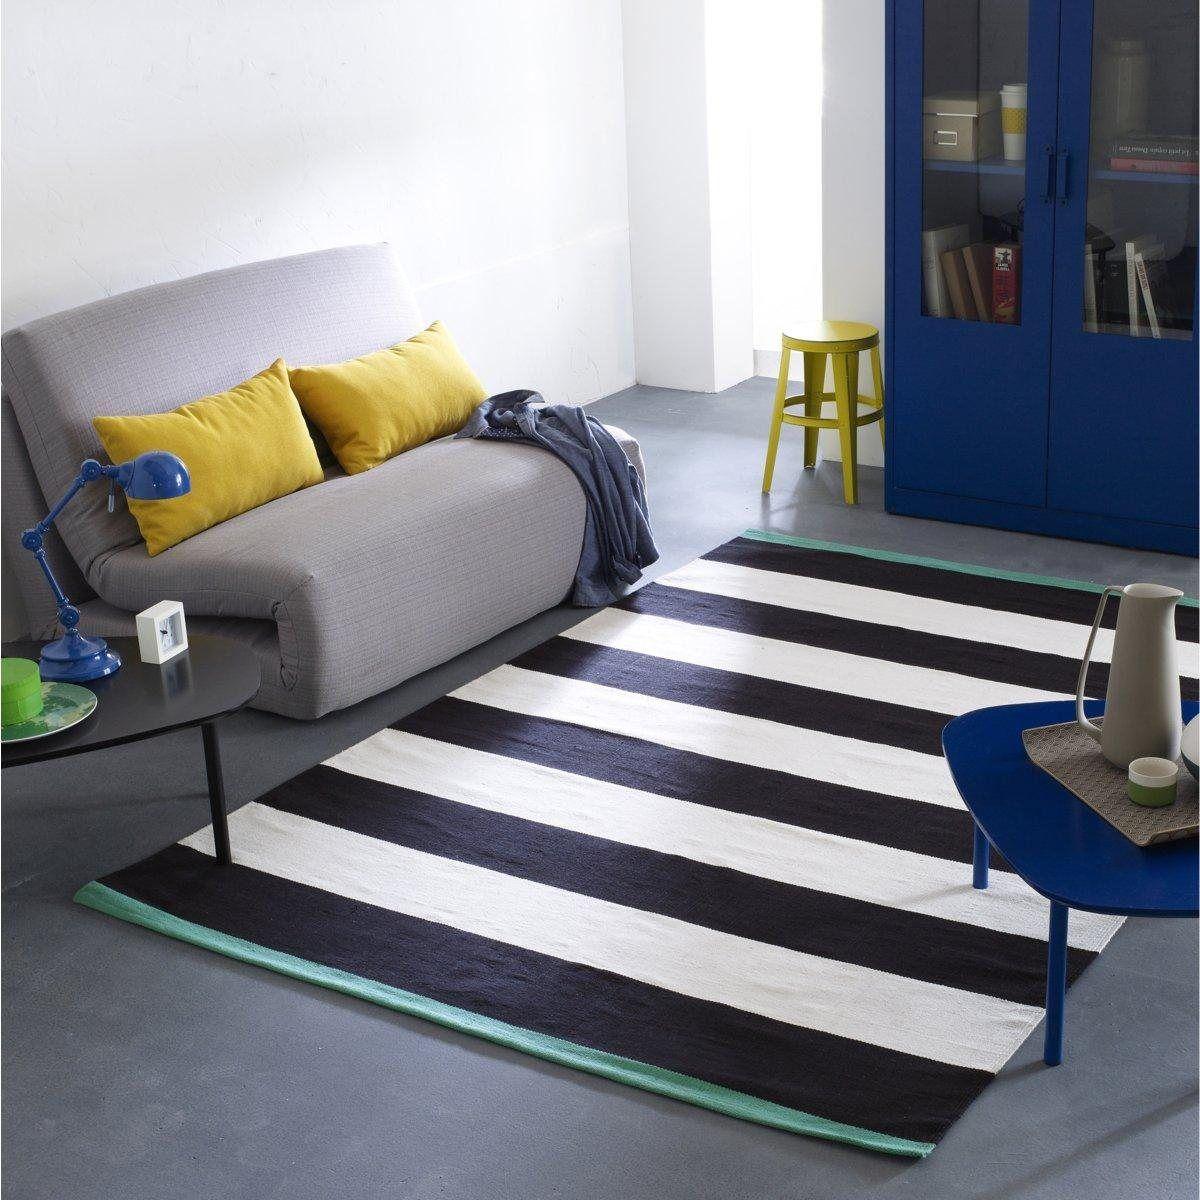 tapis lirette ray e blut la redoute interieurs prix avis notation livraison le tapis. Black Bedroom Furniture Sets. Home Design Ideas